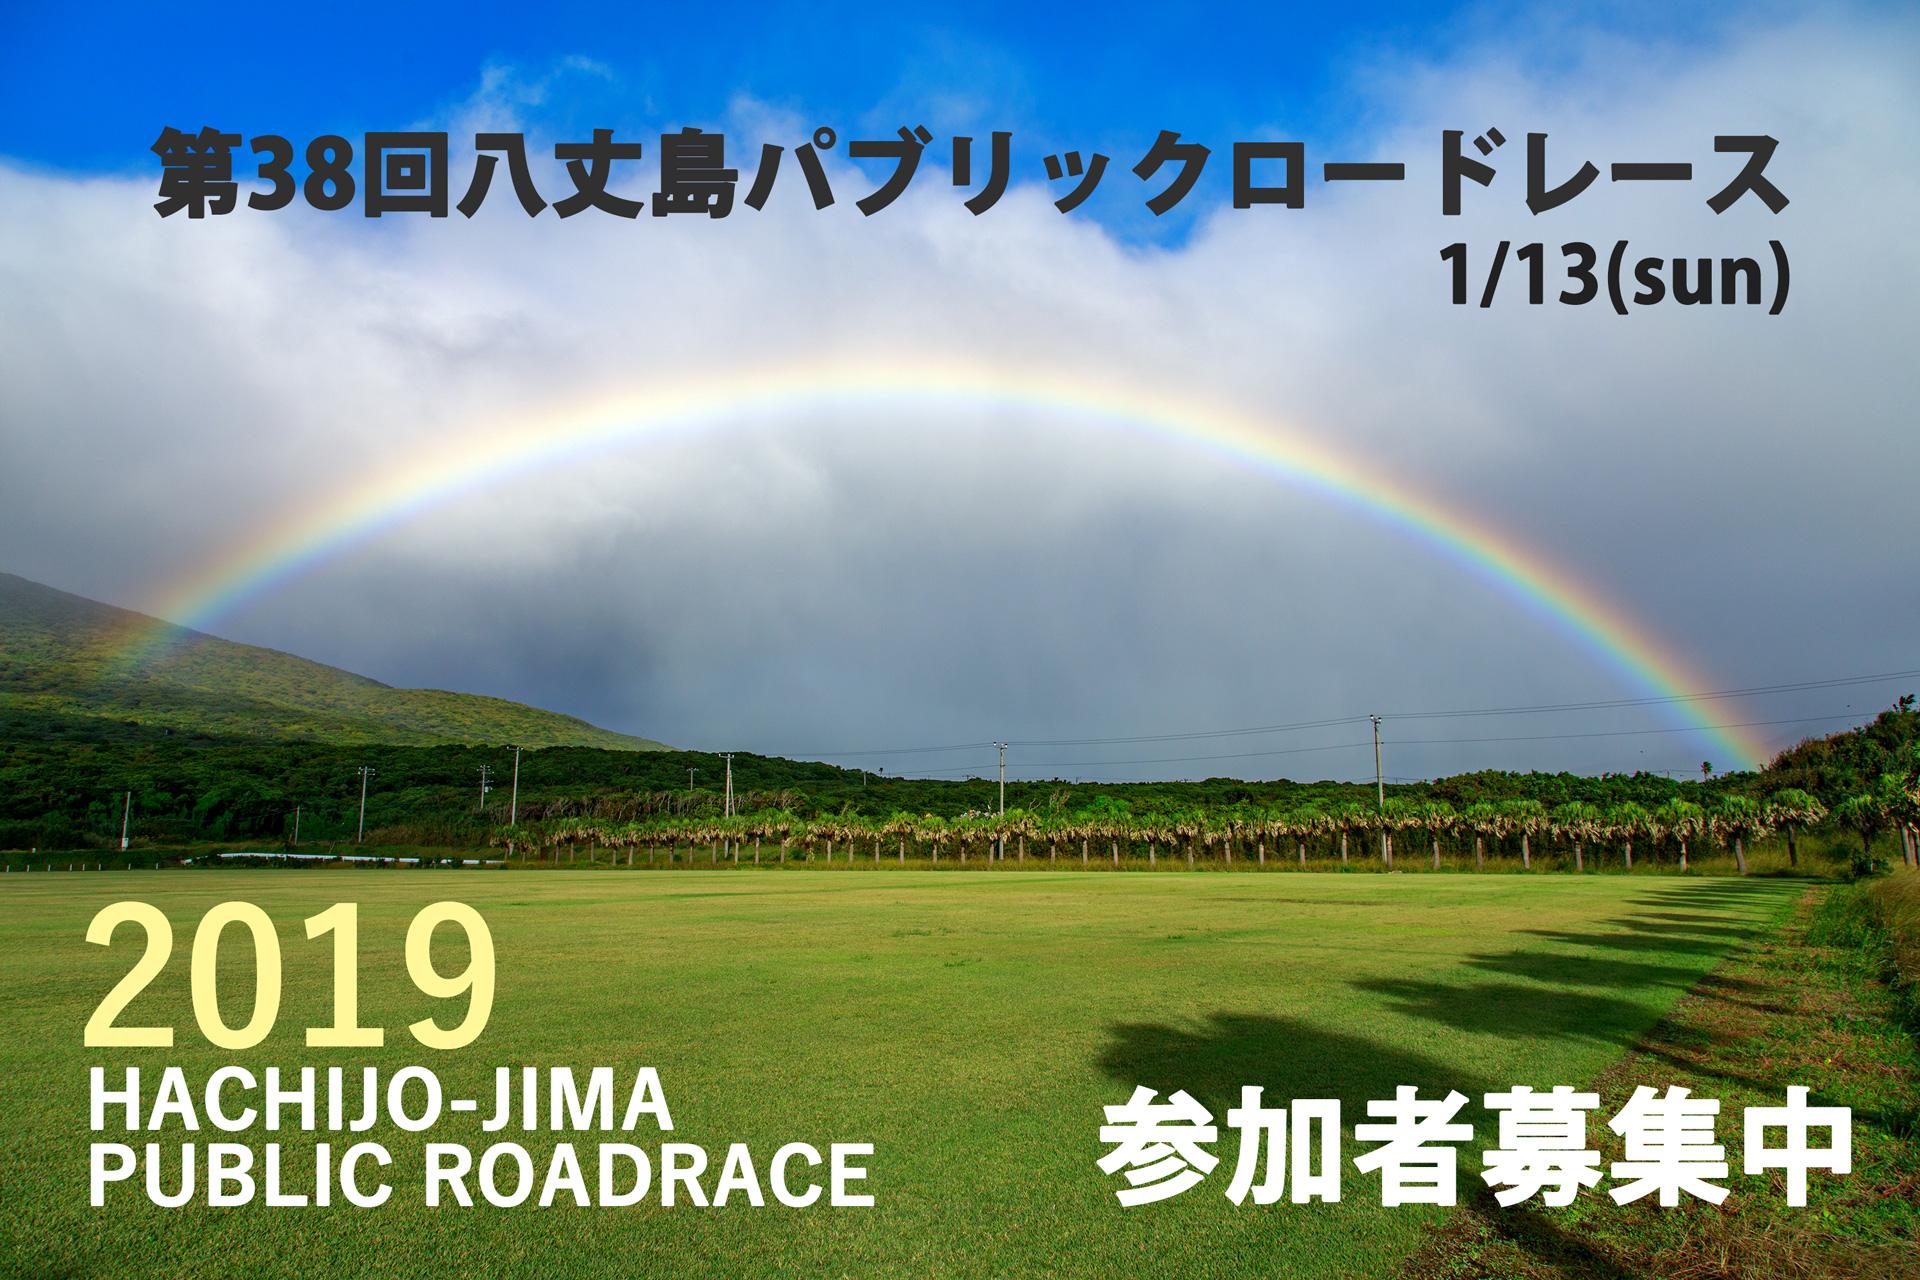 第38回 八丈島パブリックロードレース 2019年1月13日(日)